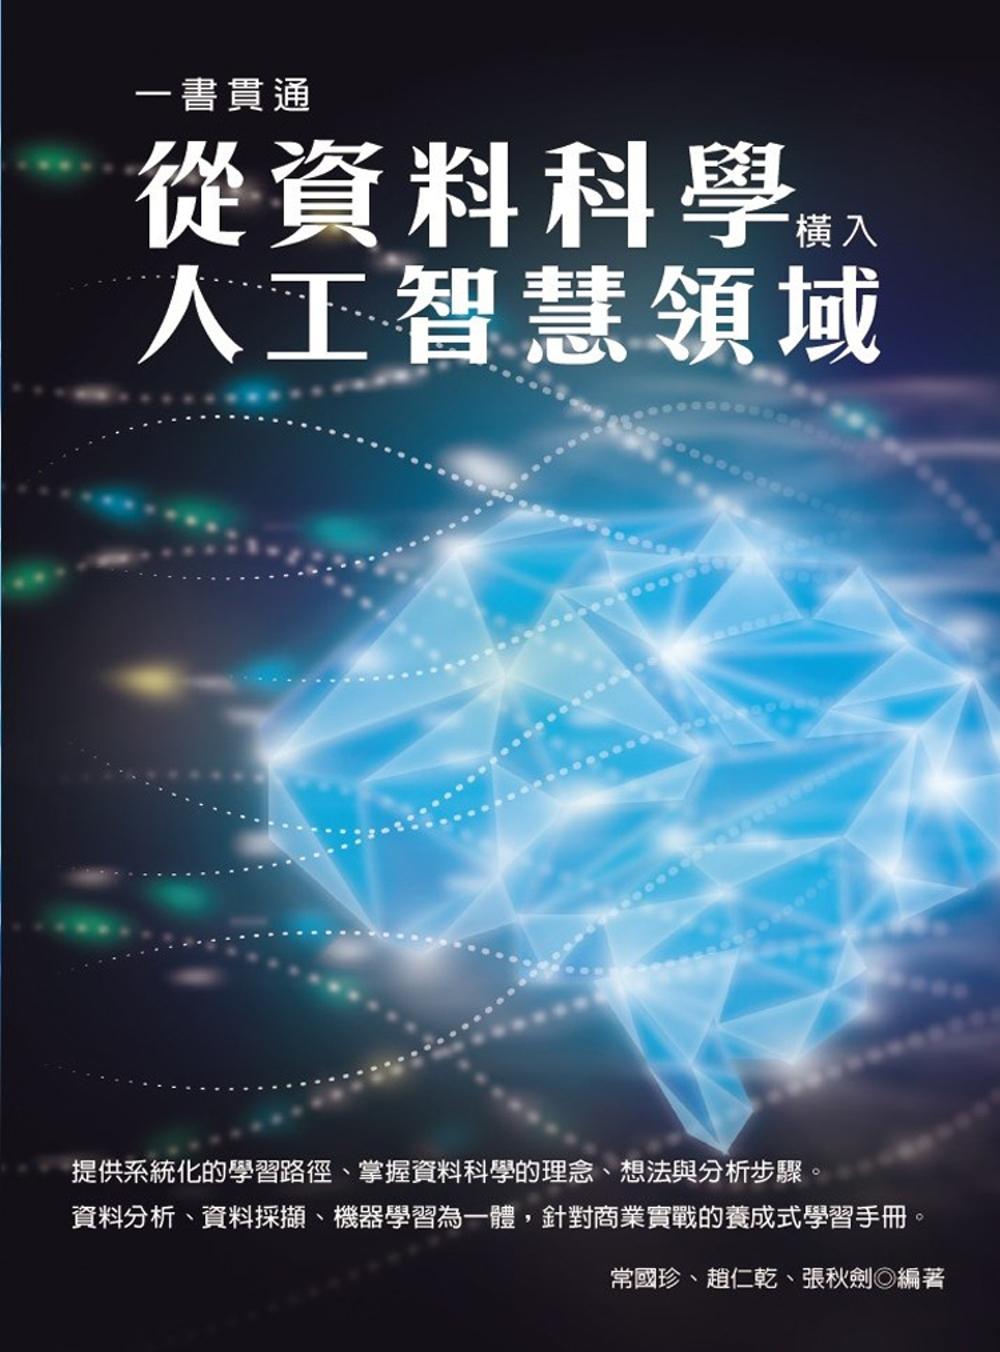 一書貫通:從資料科學橫入人工智慧領域